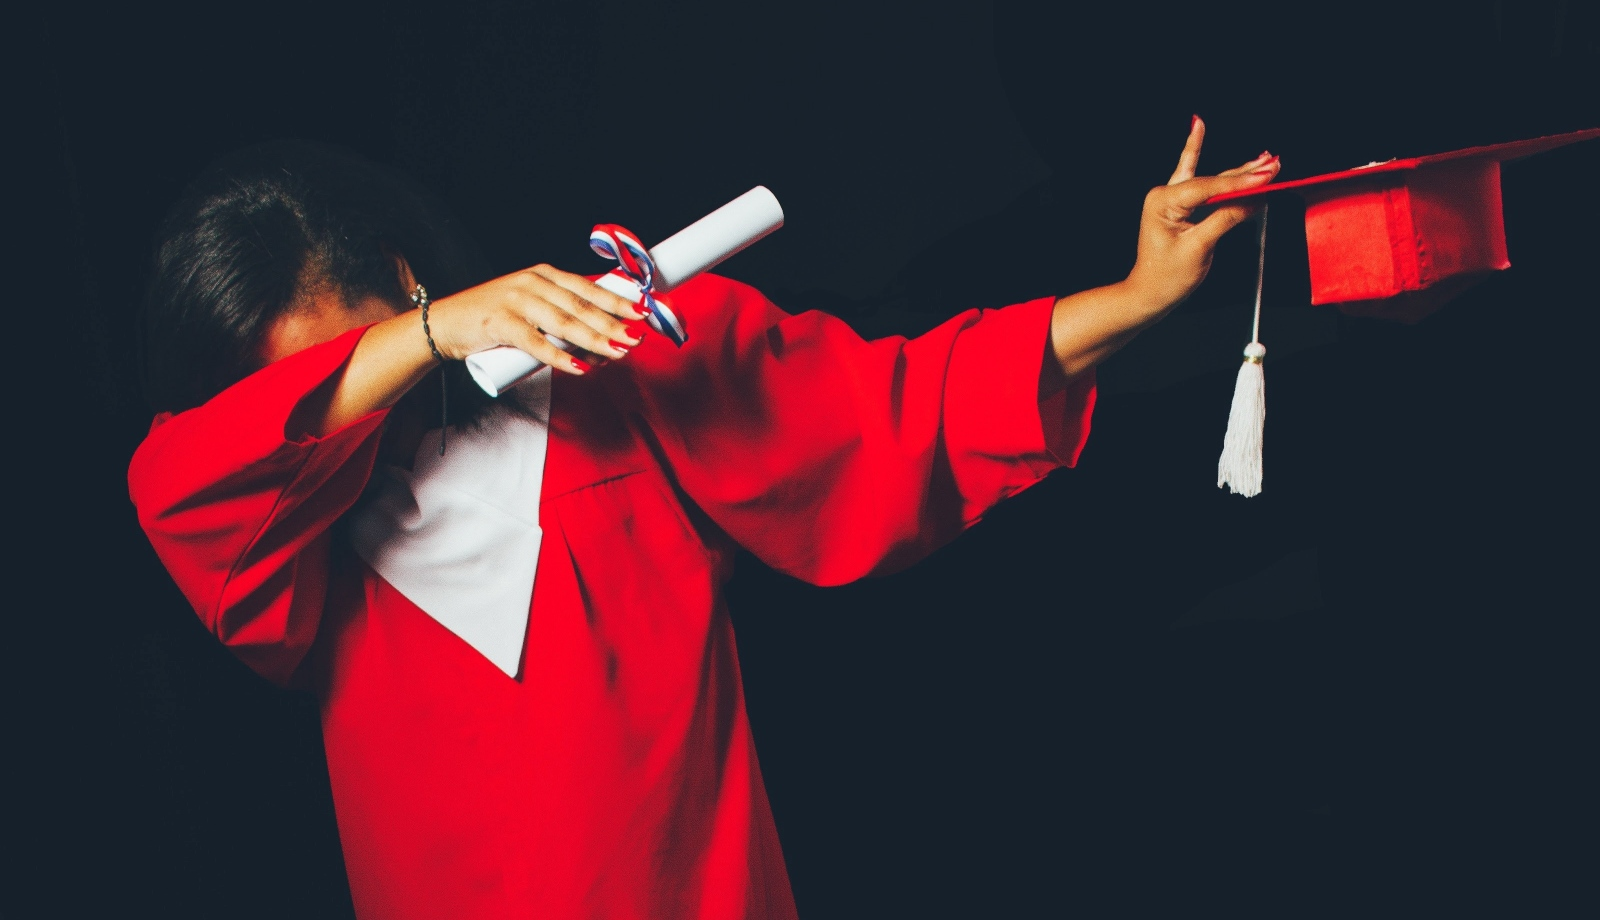 راز موفقیت دانشجویان برتر چیست؟